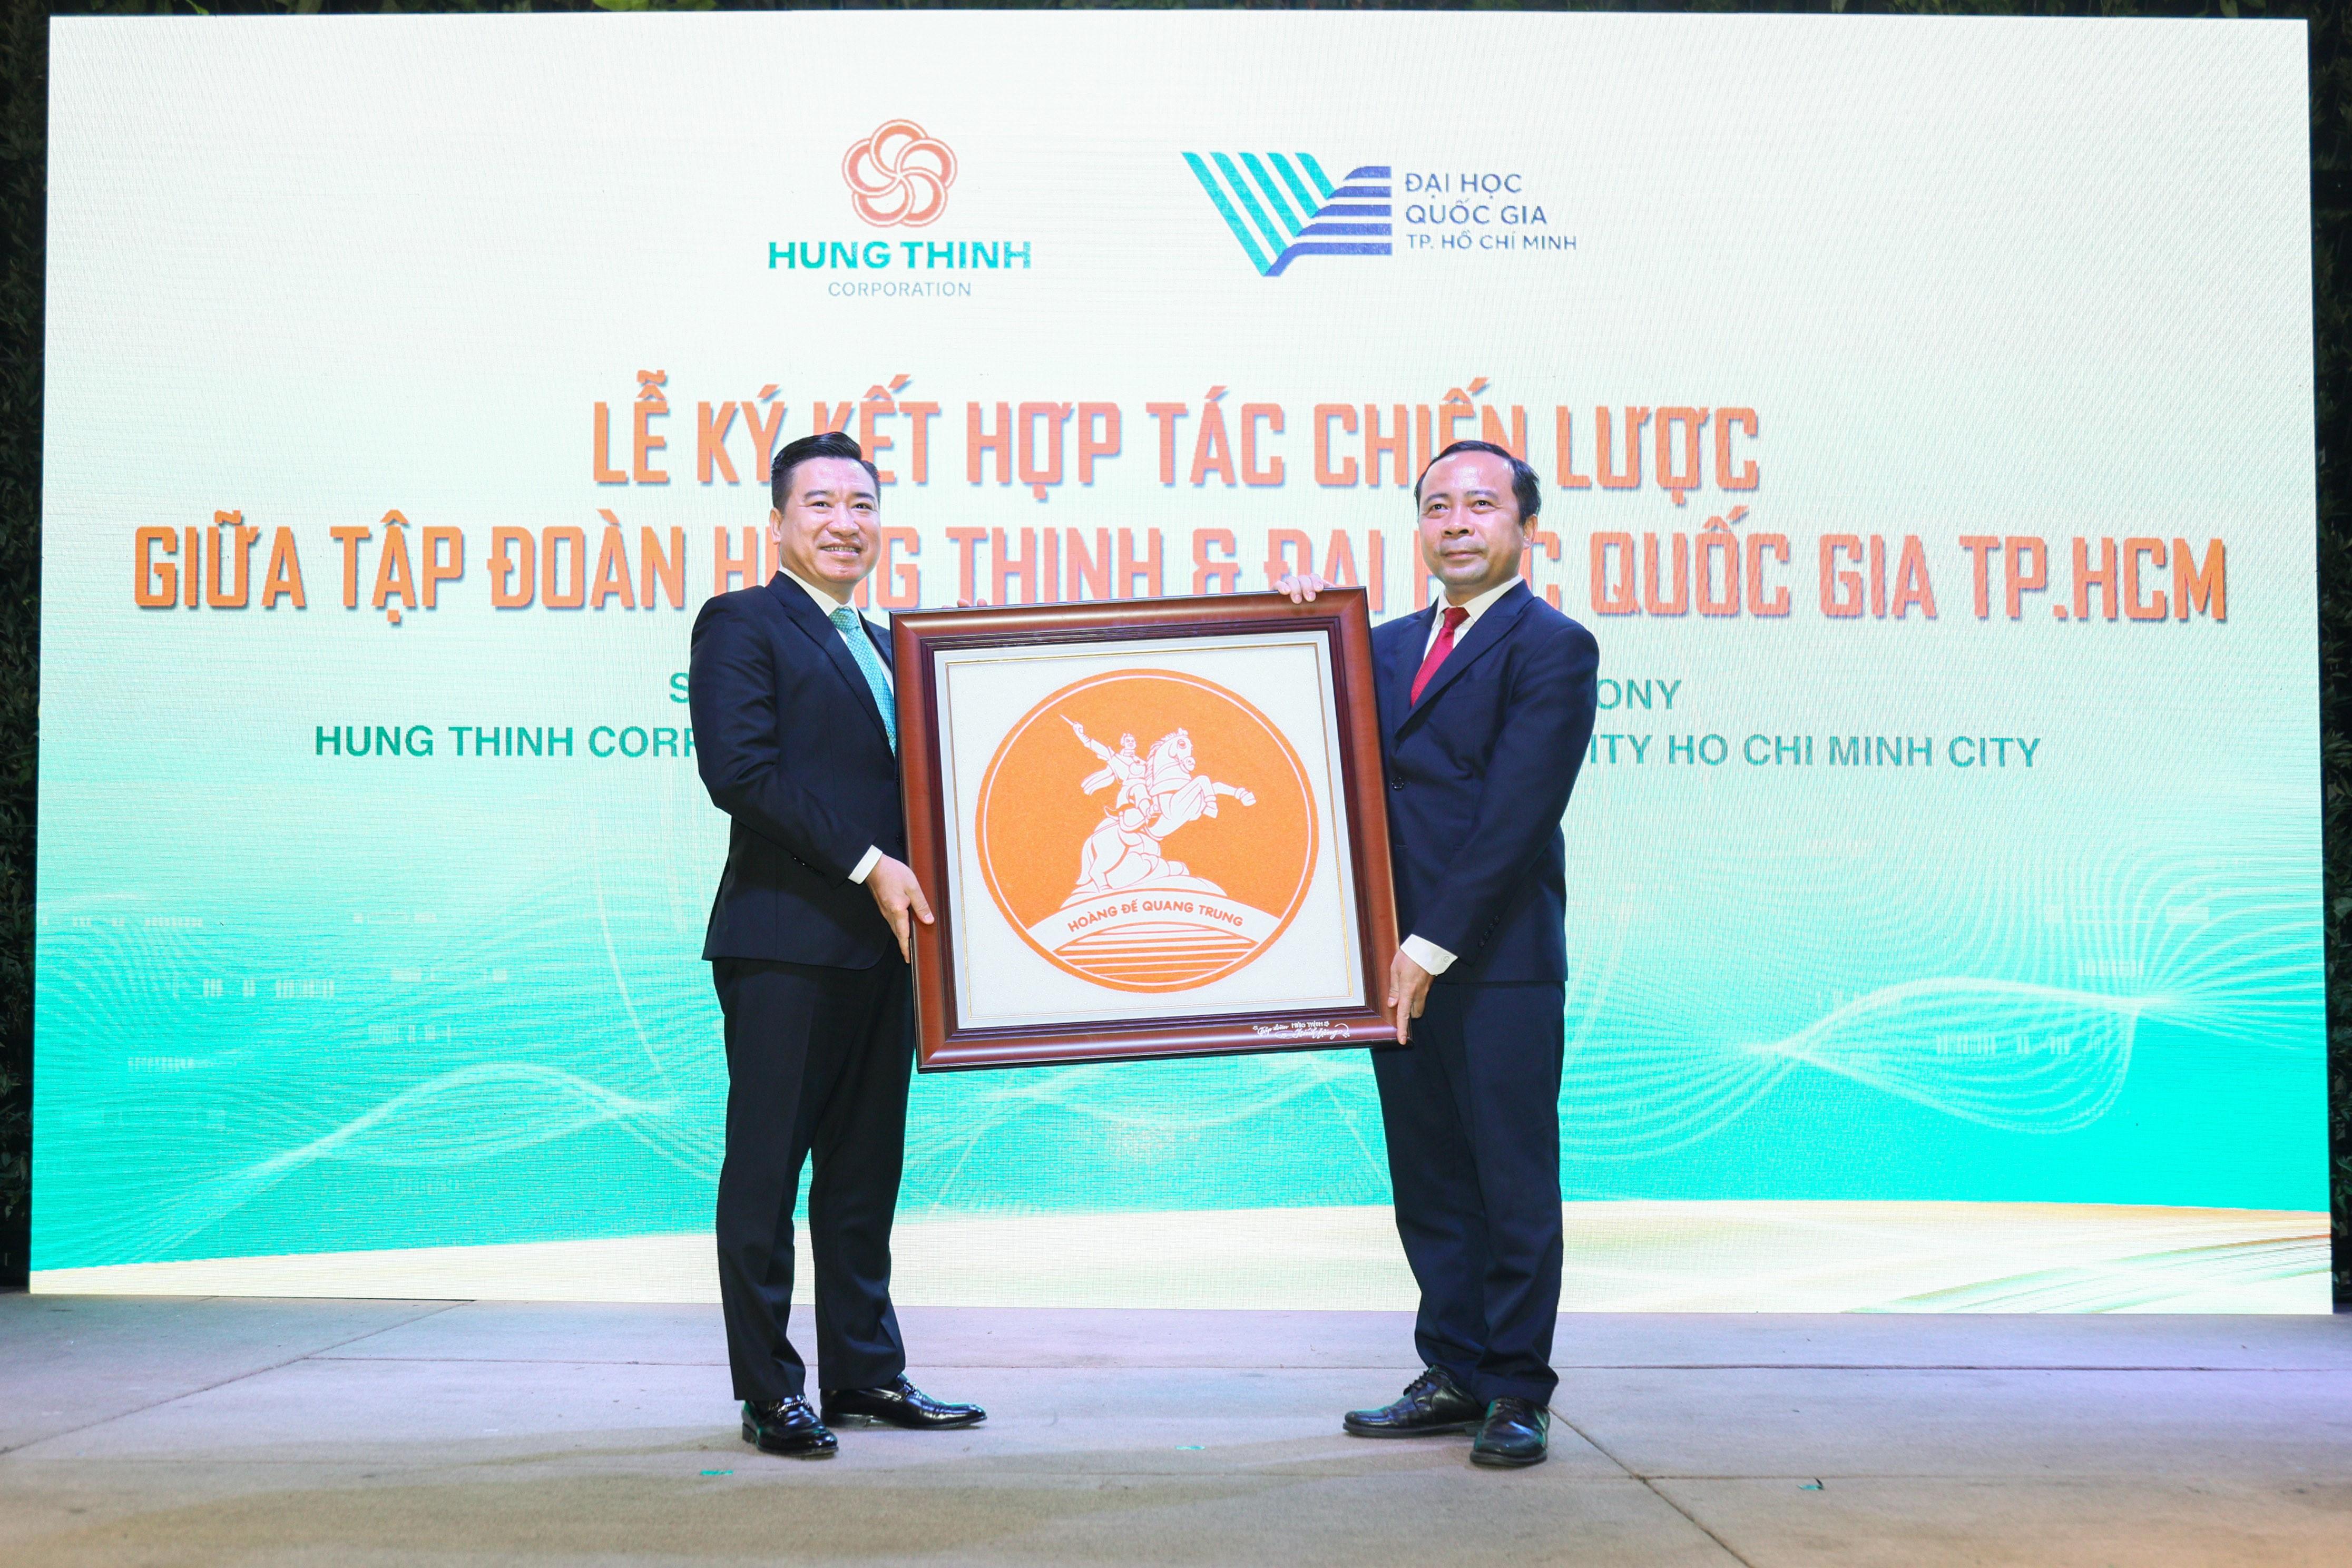 Tập đoàn Hưng Thịnh và Đại Học Quốc Gia TP.HCM ký kết hợp tác chiến lược - Ảnh 5